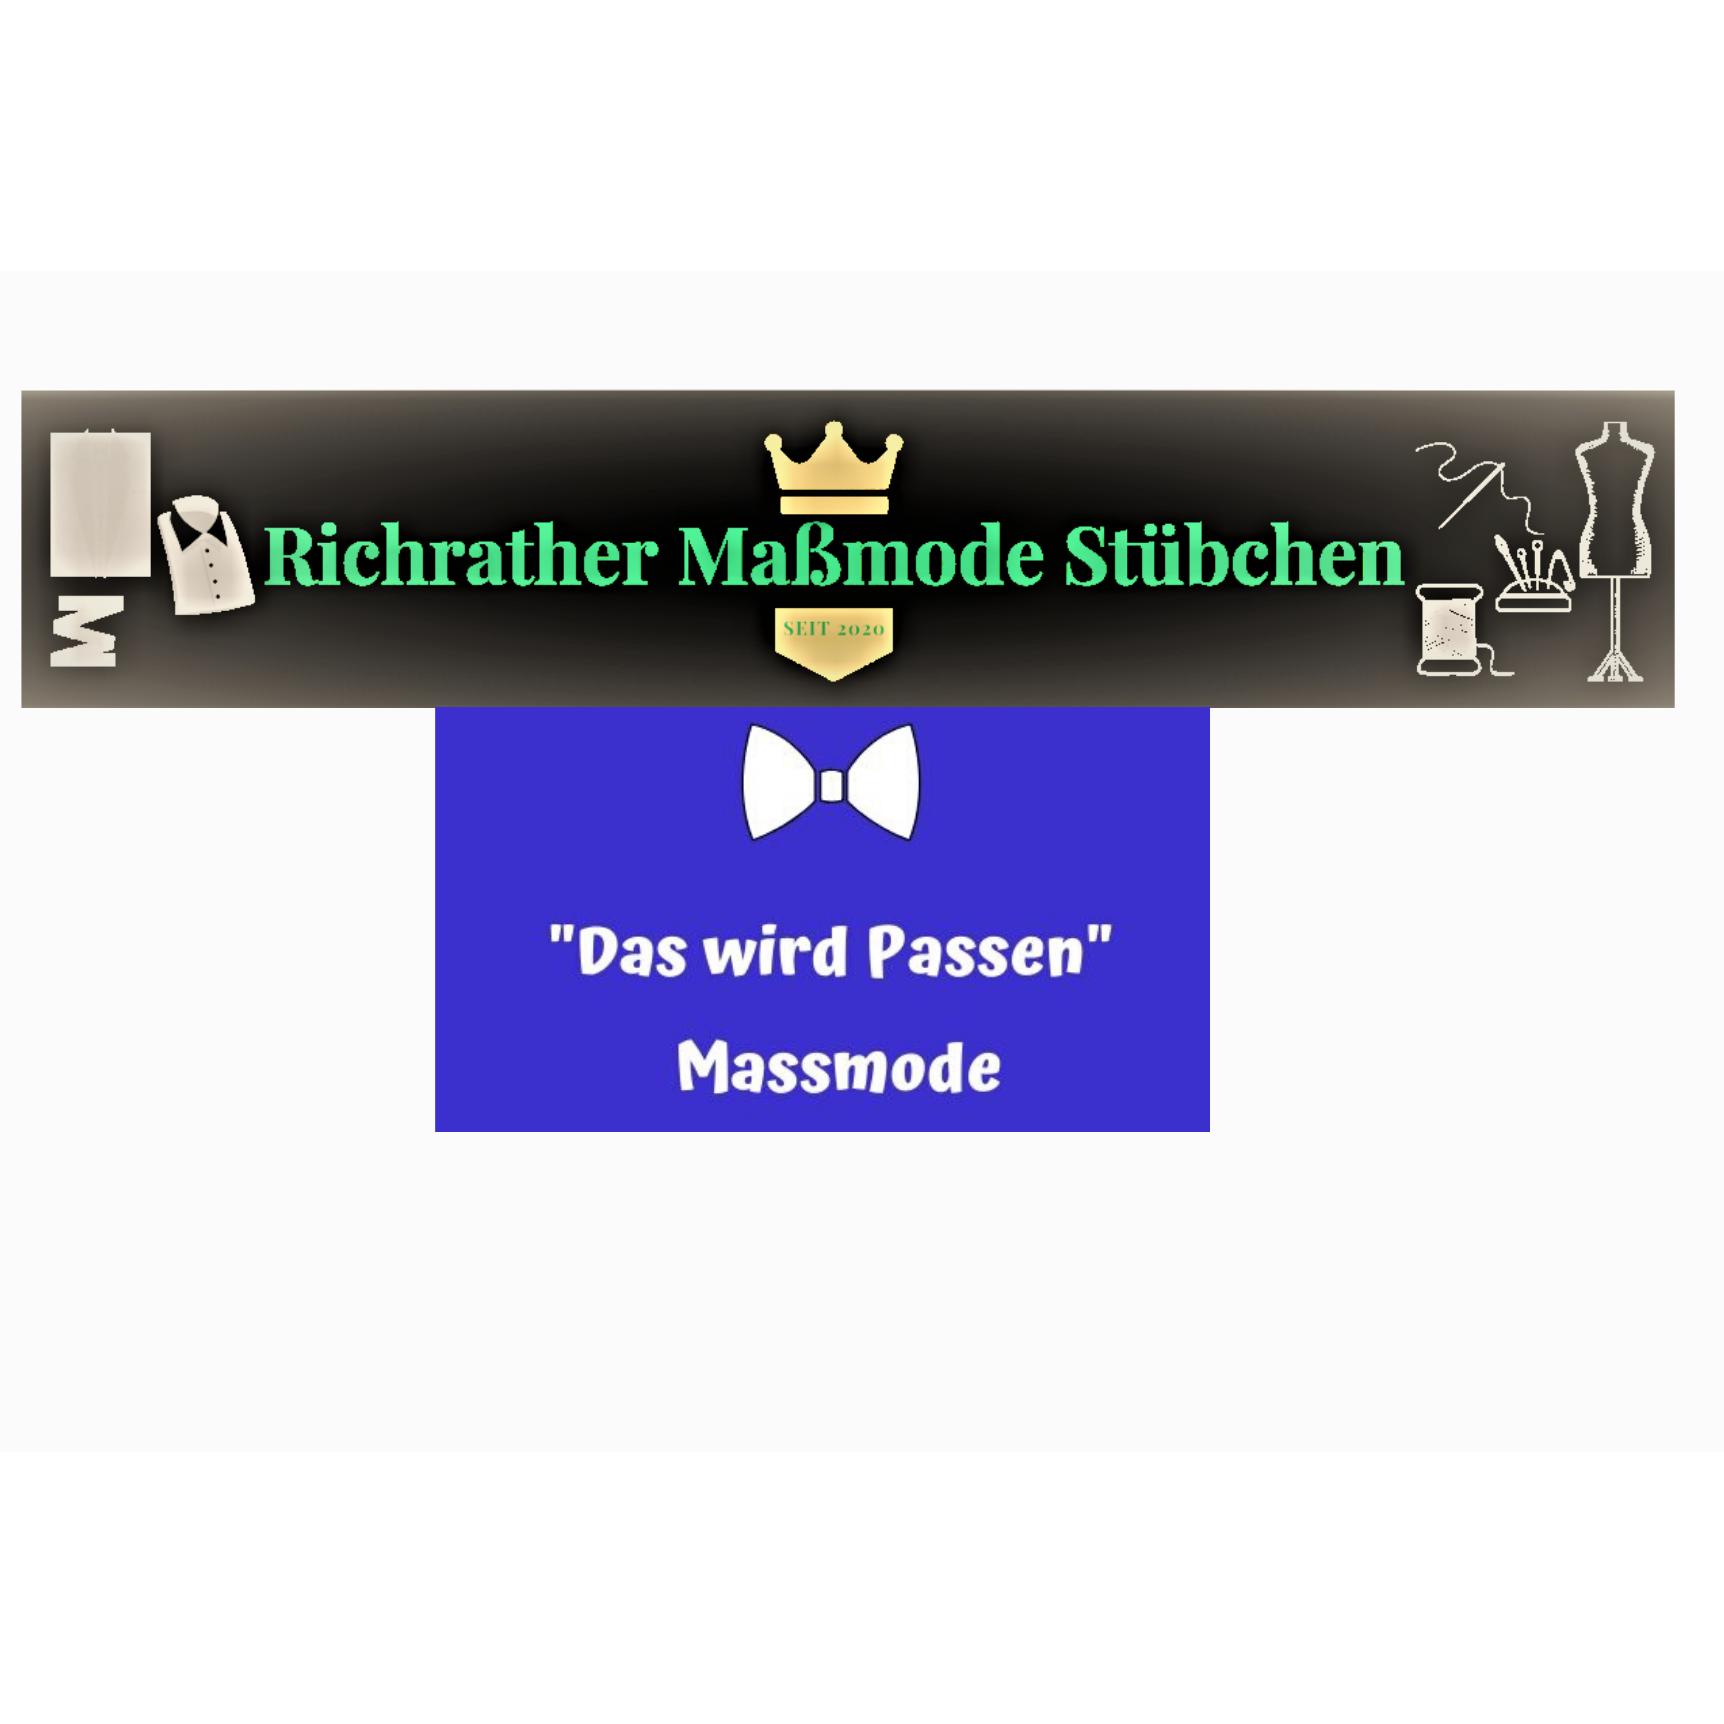 Bild zu Richrather Maßmode Stübchen in Langenfeld im Rheinland